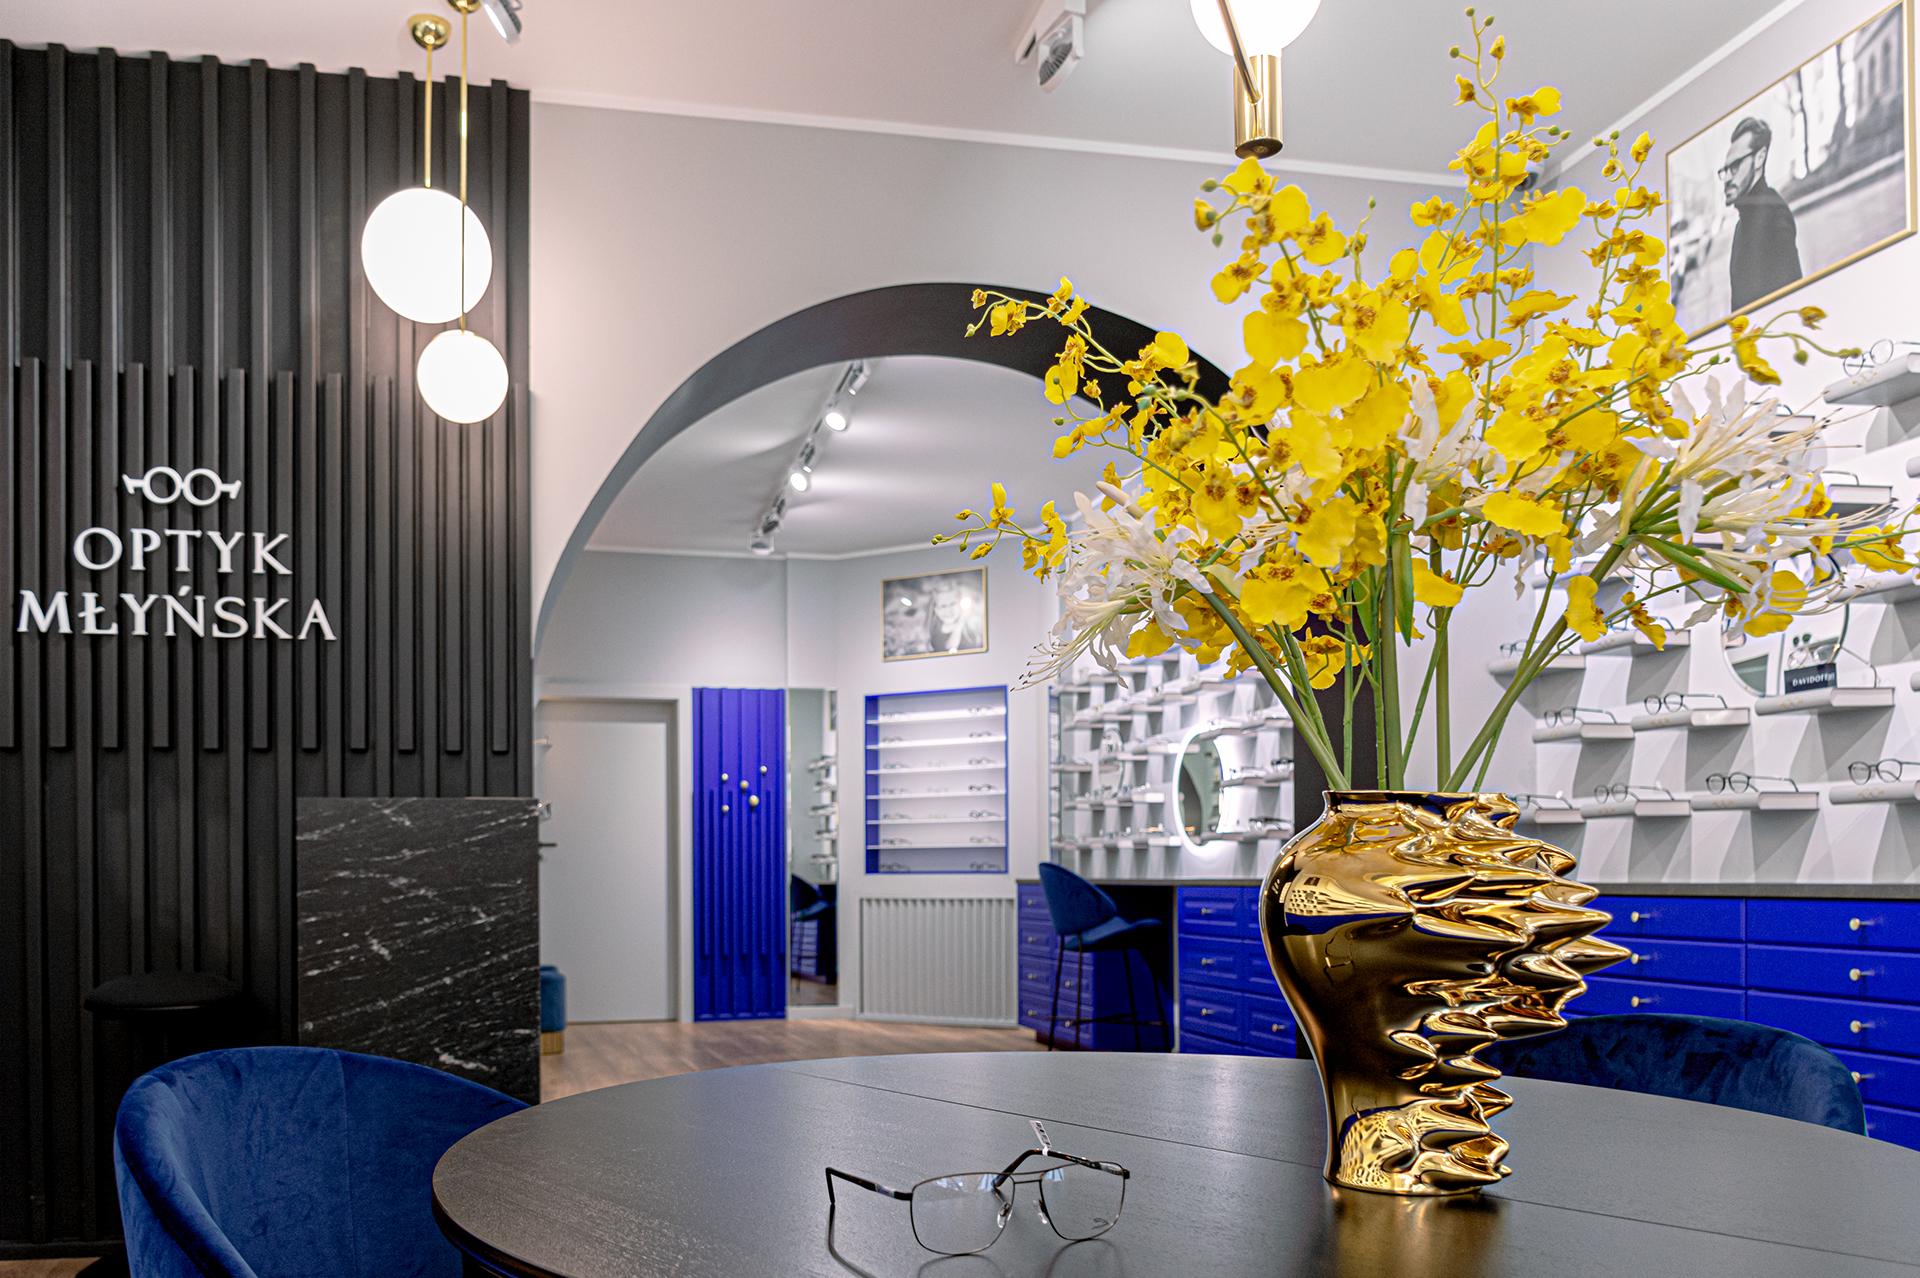 Odważne dekoracje i mocna kolorystyka dają gwarancję, że wnętrz tego salonu trudno pomylić z jakimkolwiek innym.